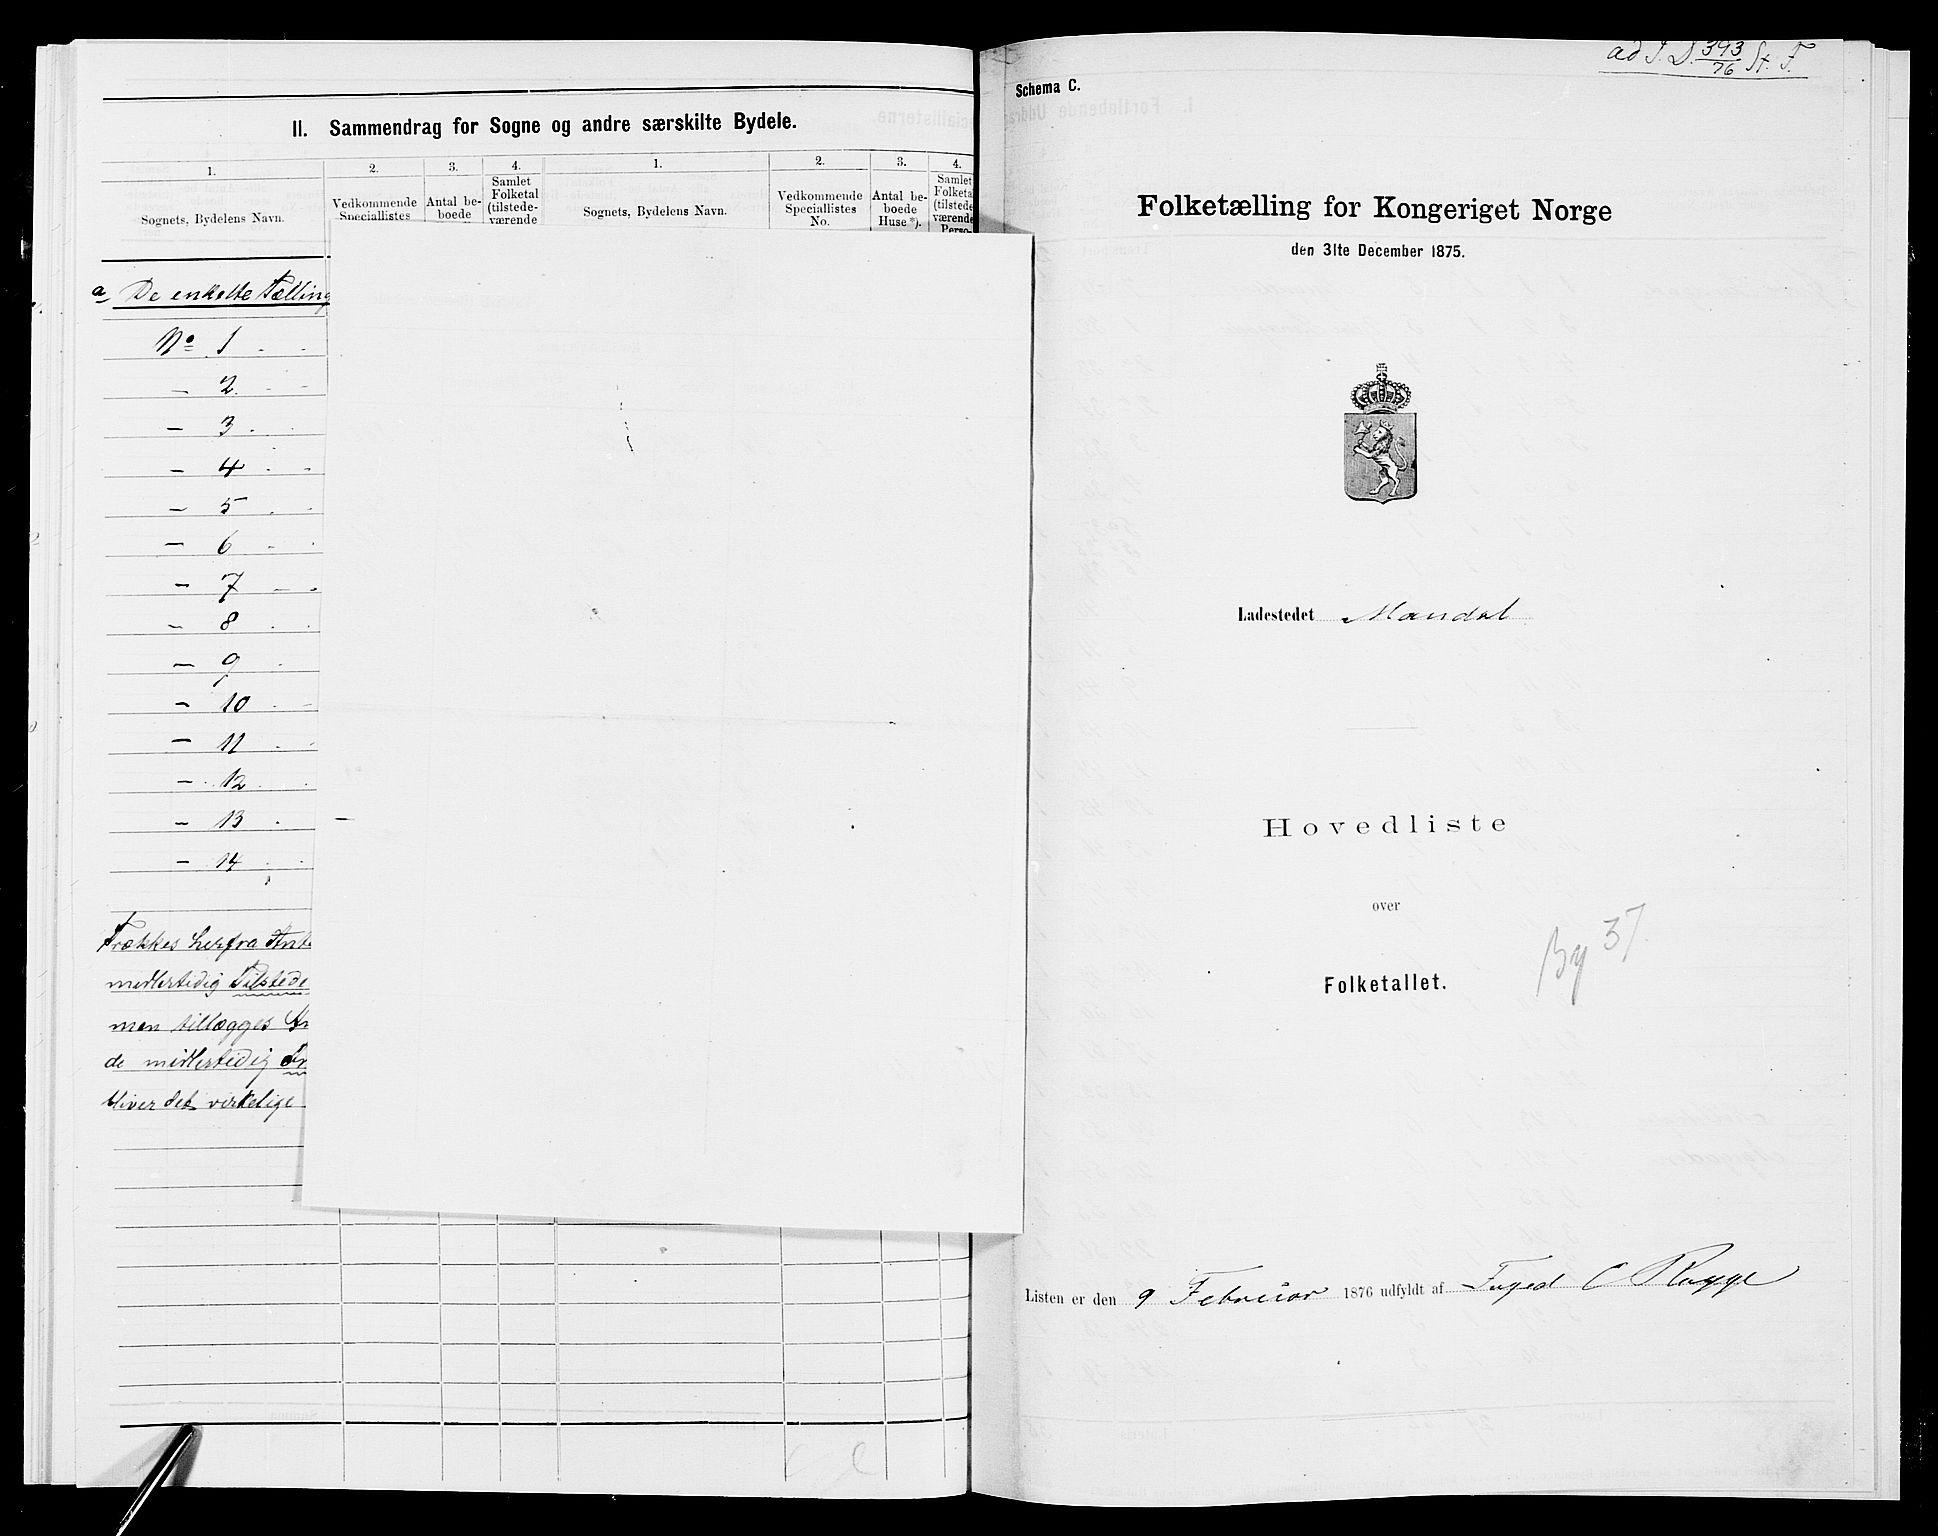 SAK, Folketelling 1875 for 1002B Mandal prestegjeld, Mandal ladested, 1875, s. 1